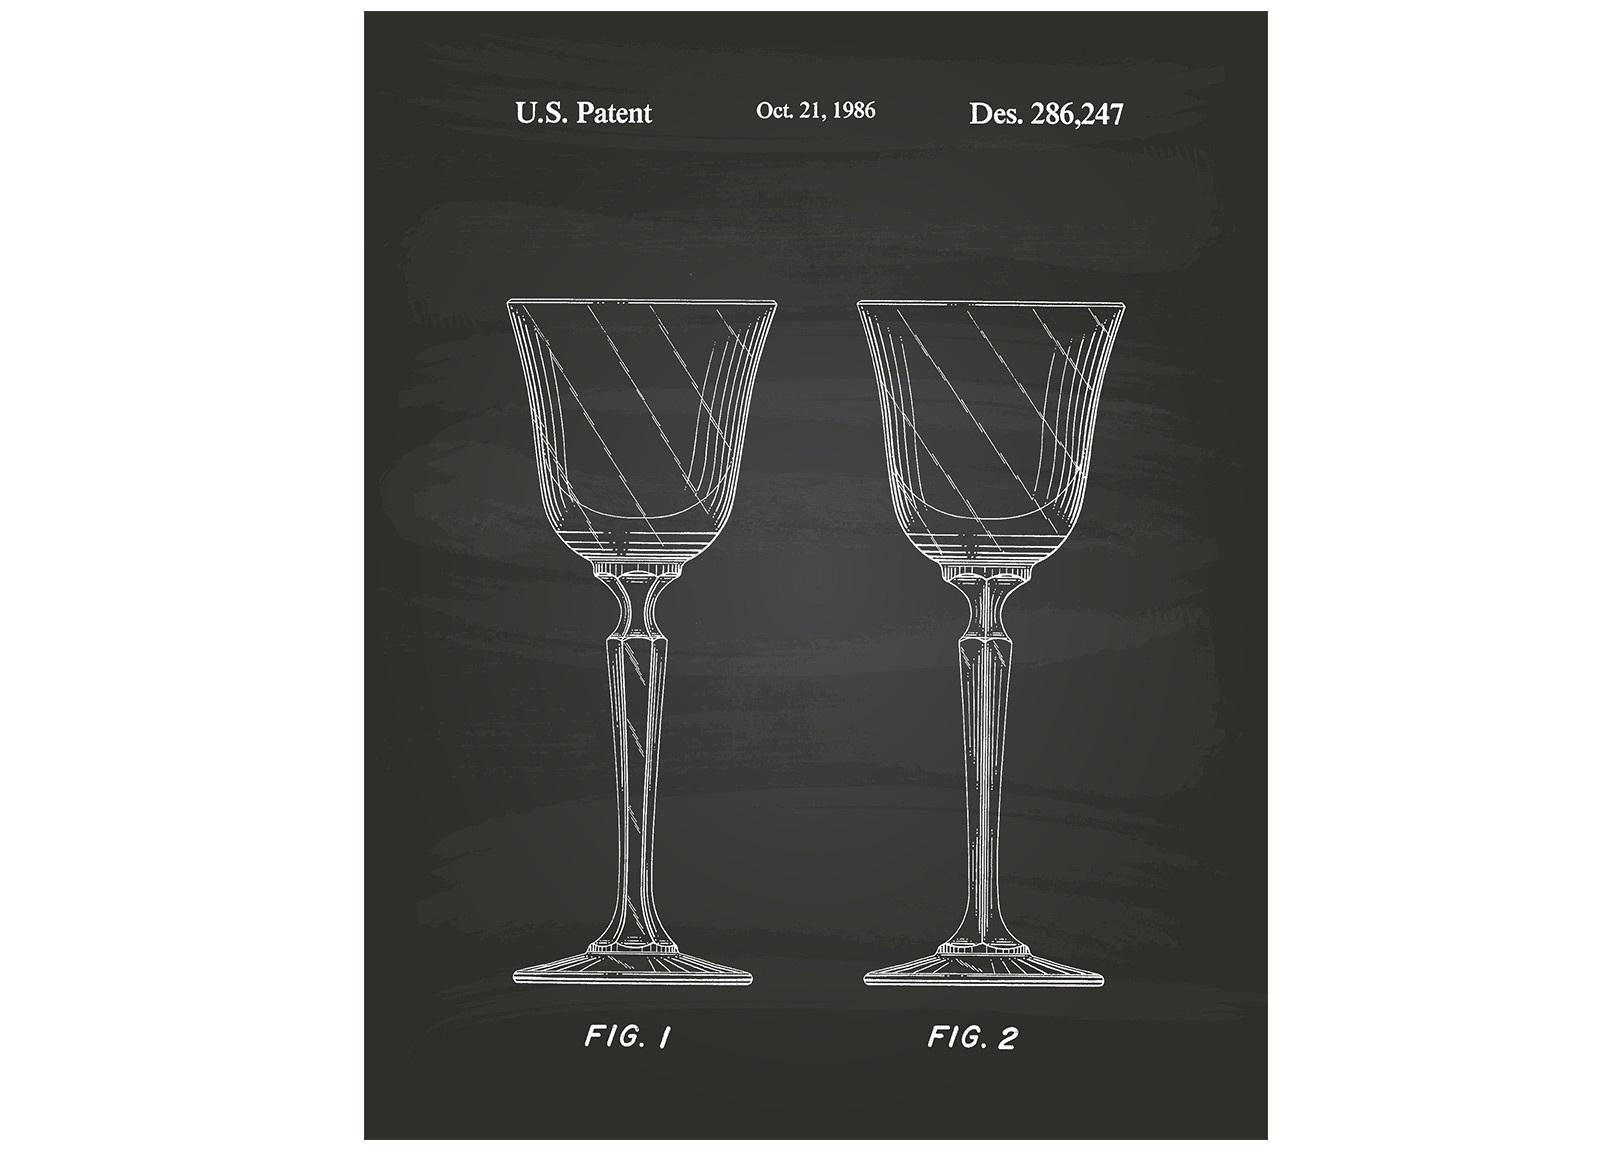 Постер Lantern 1887Постеры<br><br><br>Material: Холст<br>Length см: None<br>Width см: 40<br>Depth см: 6<br>Height см: 60